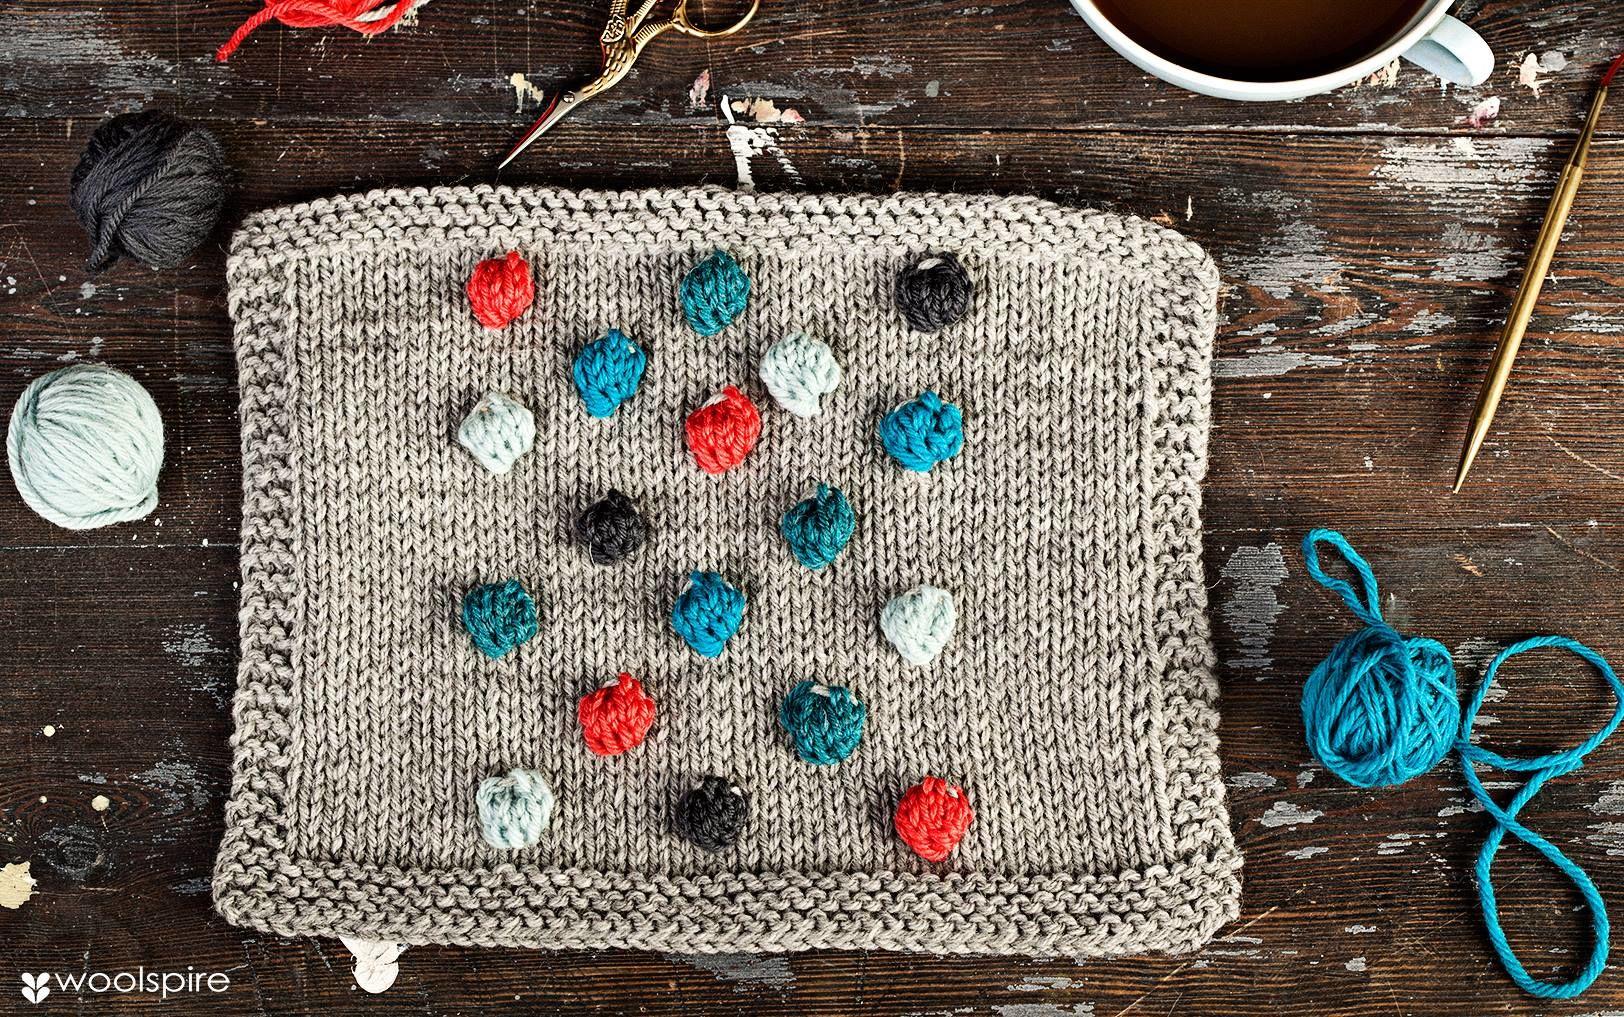 Woolspire arbetar för att föra samman garnälskareb över hela världen. Gemenskap, inspiration och utbyte av tips och erfarenheter är något de tar tillvara på.